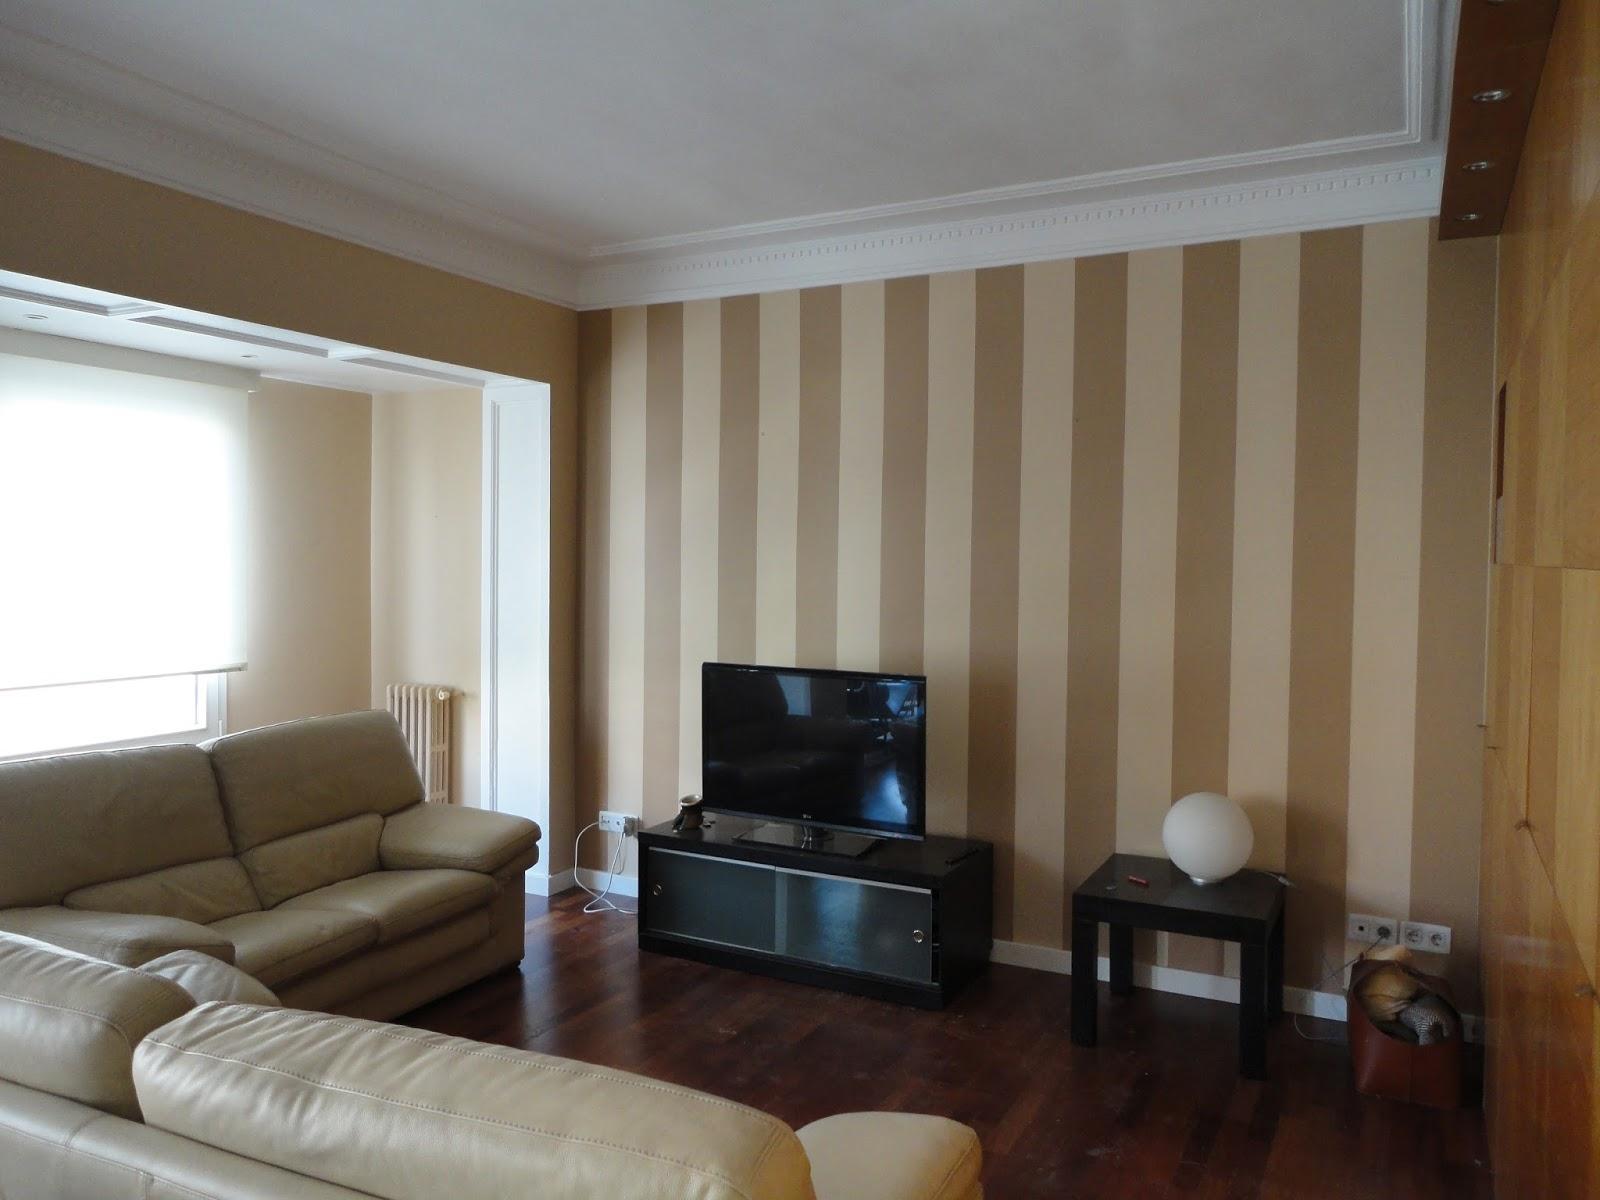 Rayas pintadas pintor david martinez - Habitaciones pintadas con rayas ...